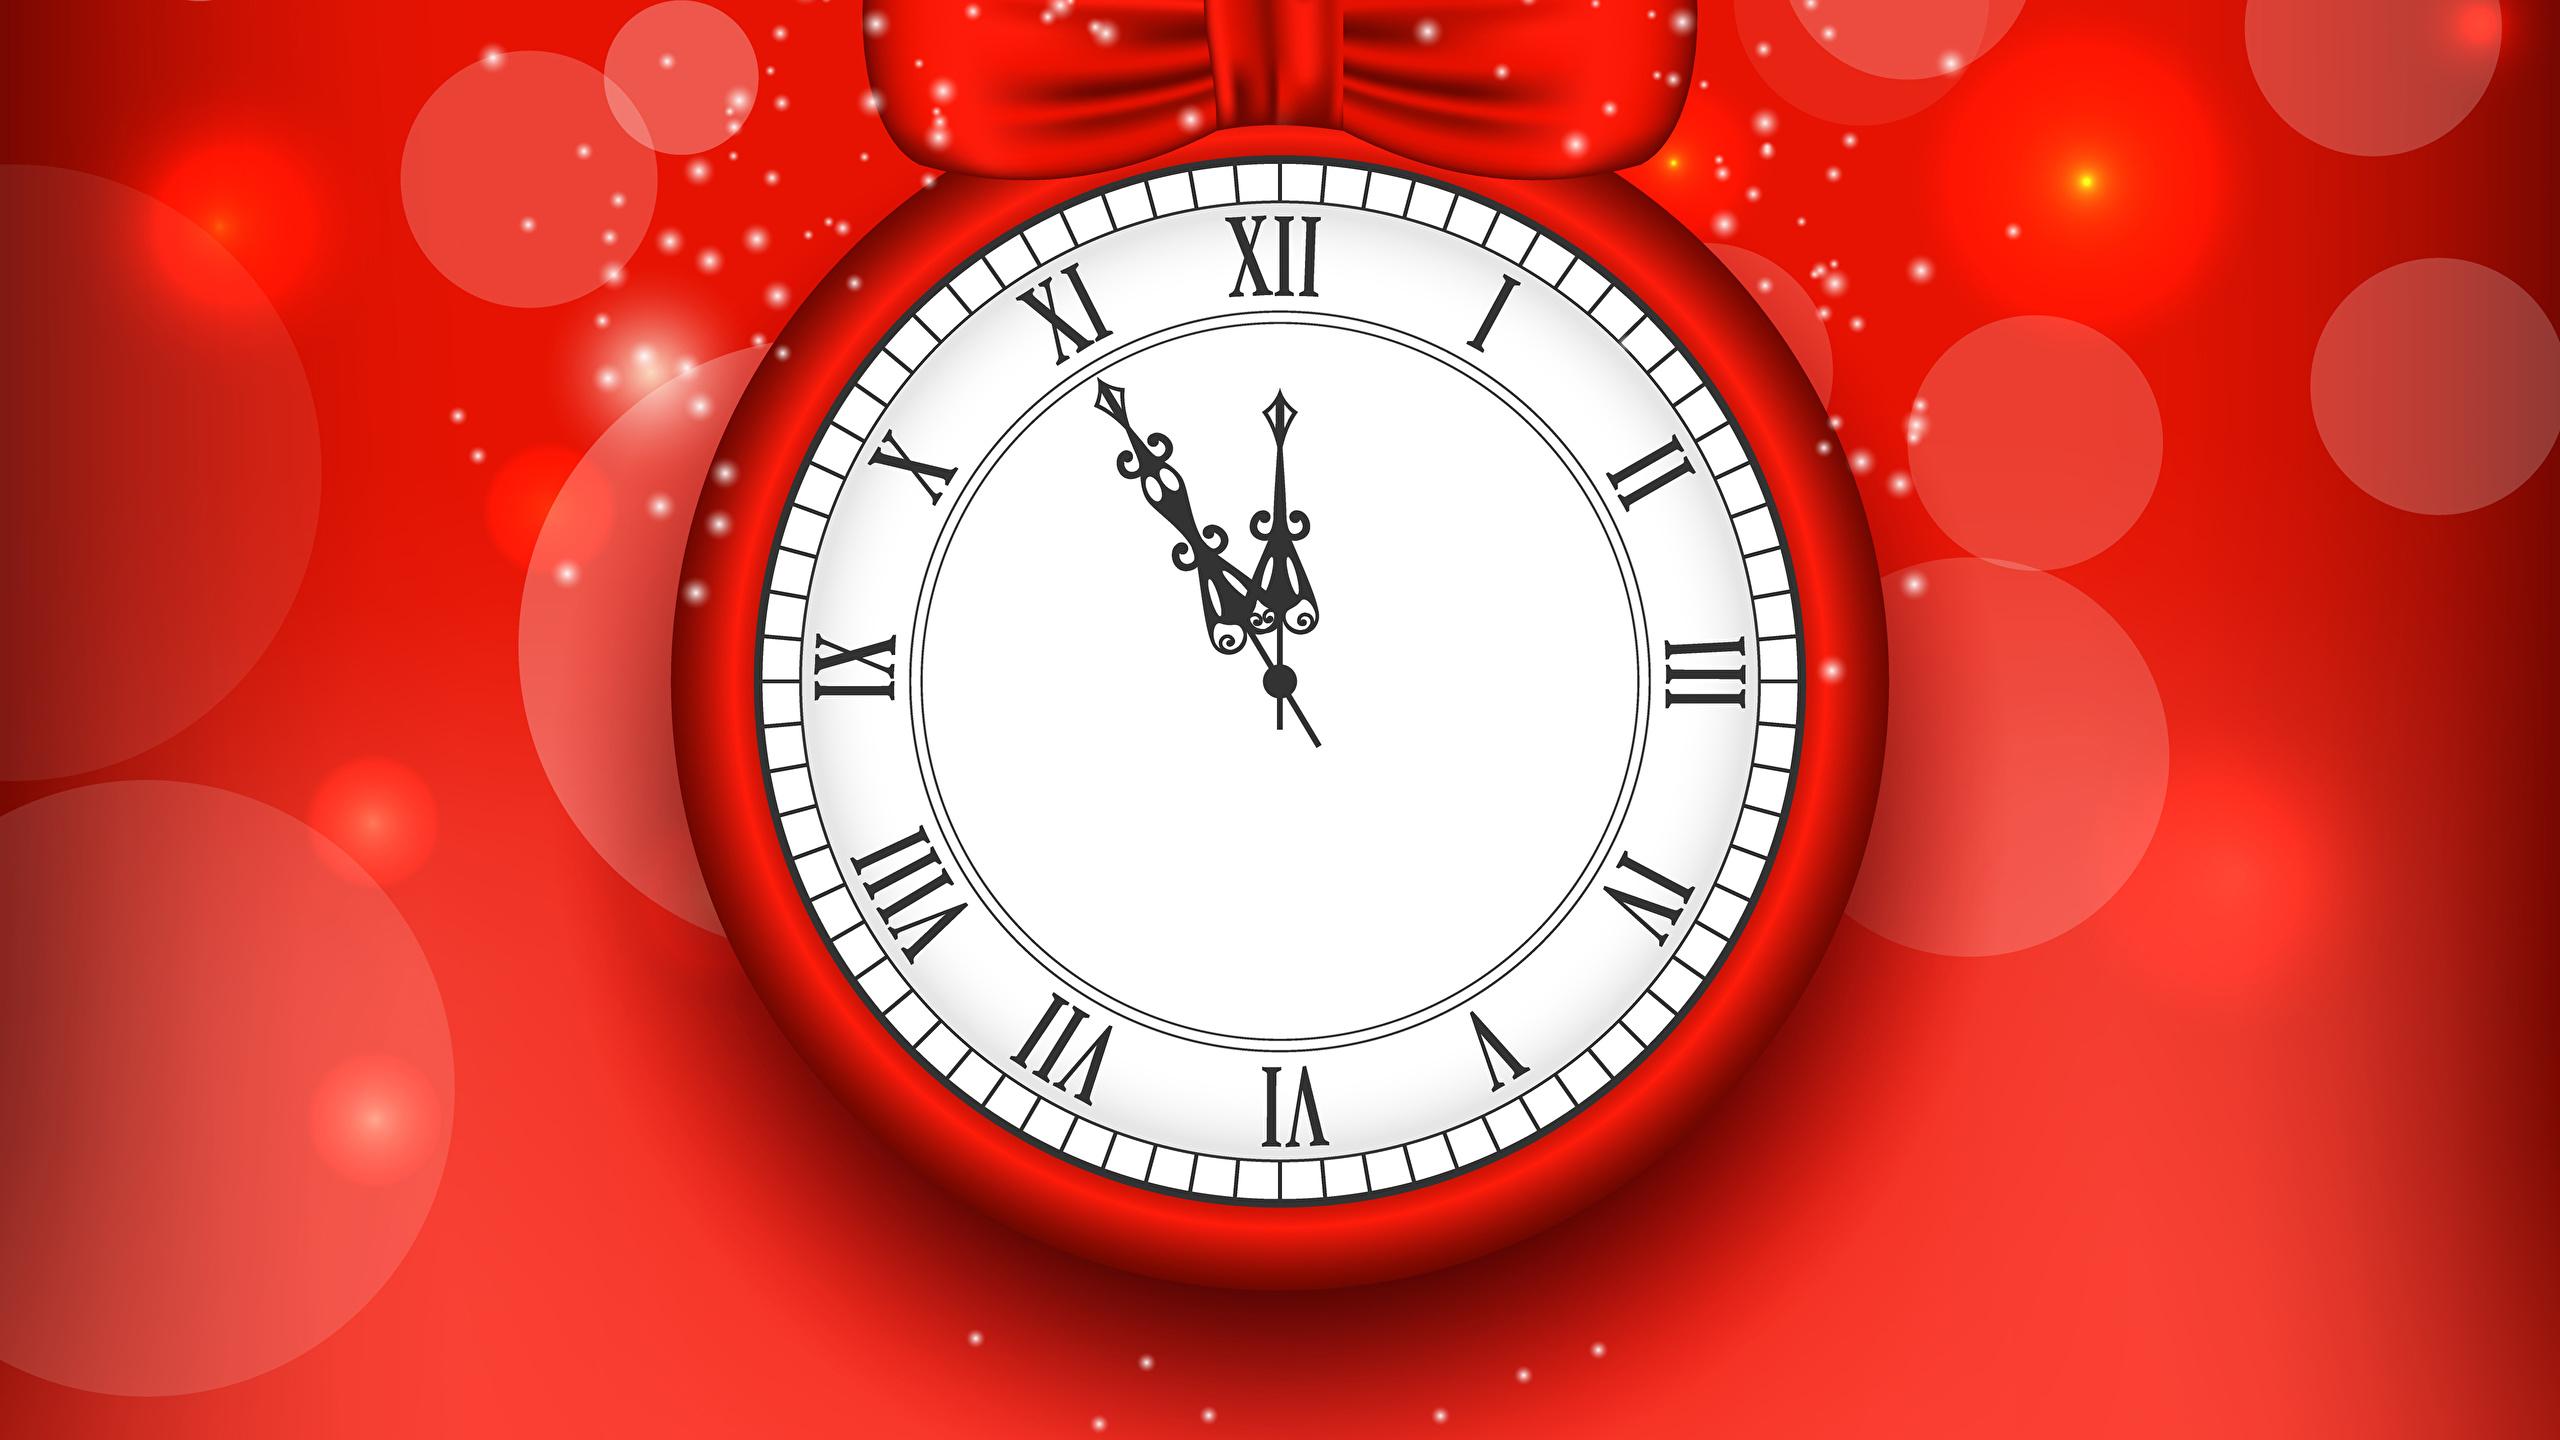 Rufull 25 декабря  классический часы с латинским циферблатом оформленные в лазурной цветовой гамме.